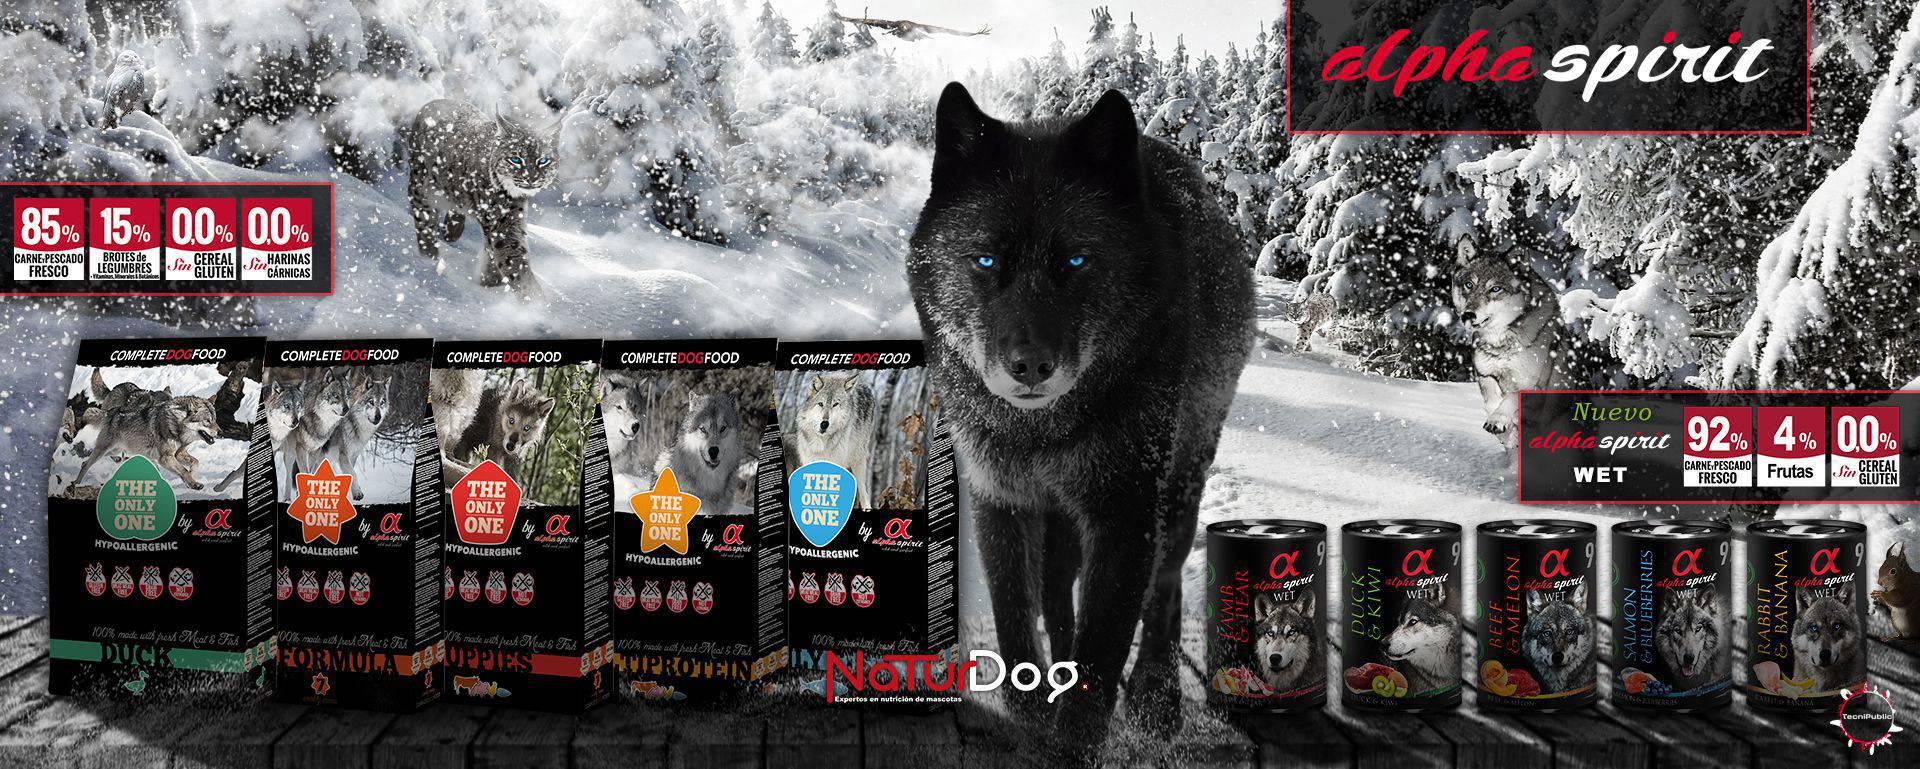 Alpha Spirit slide designed by TecniPublic.es